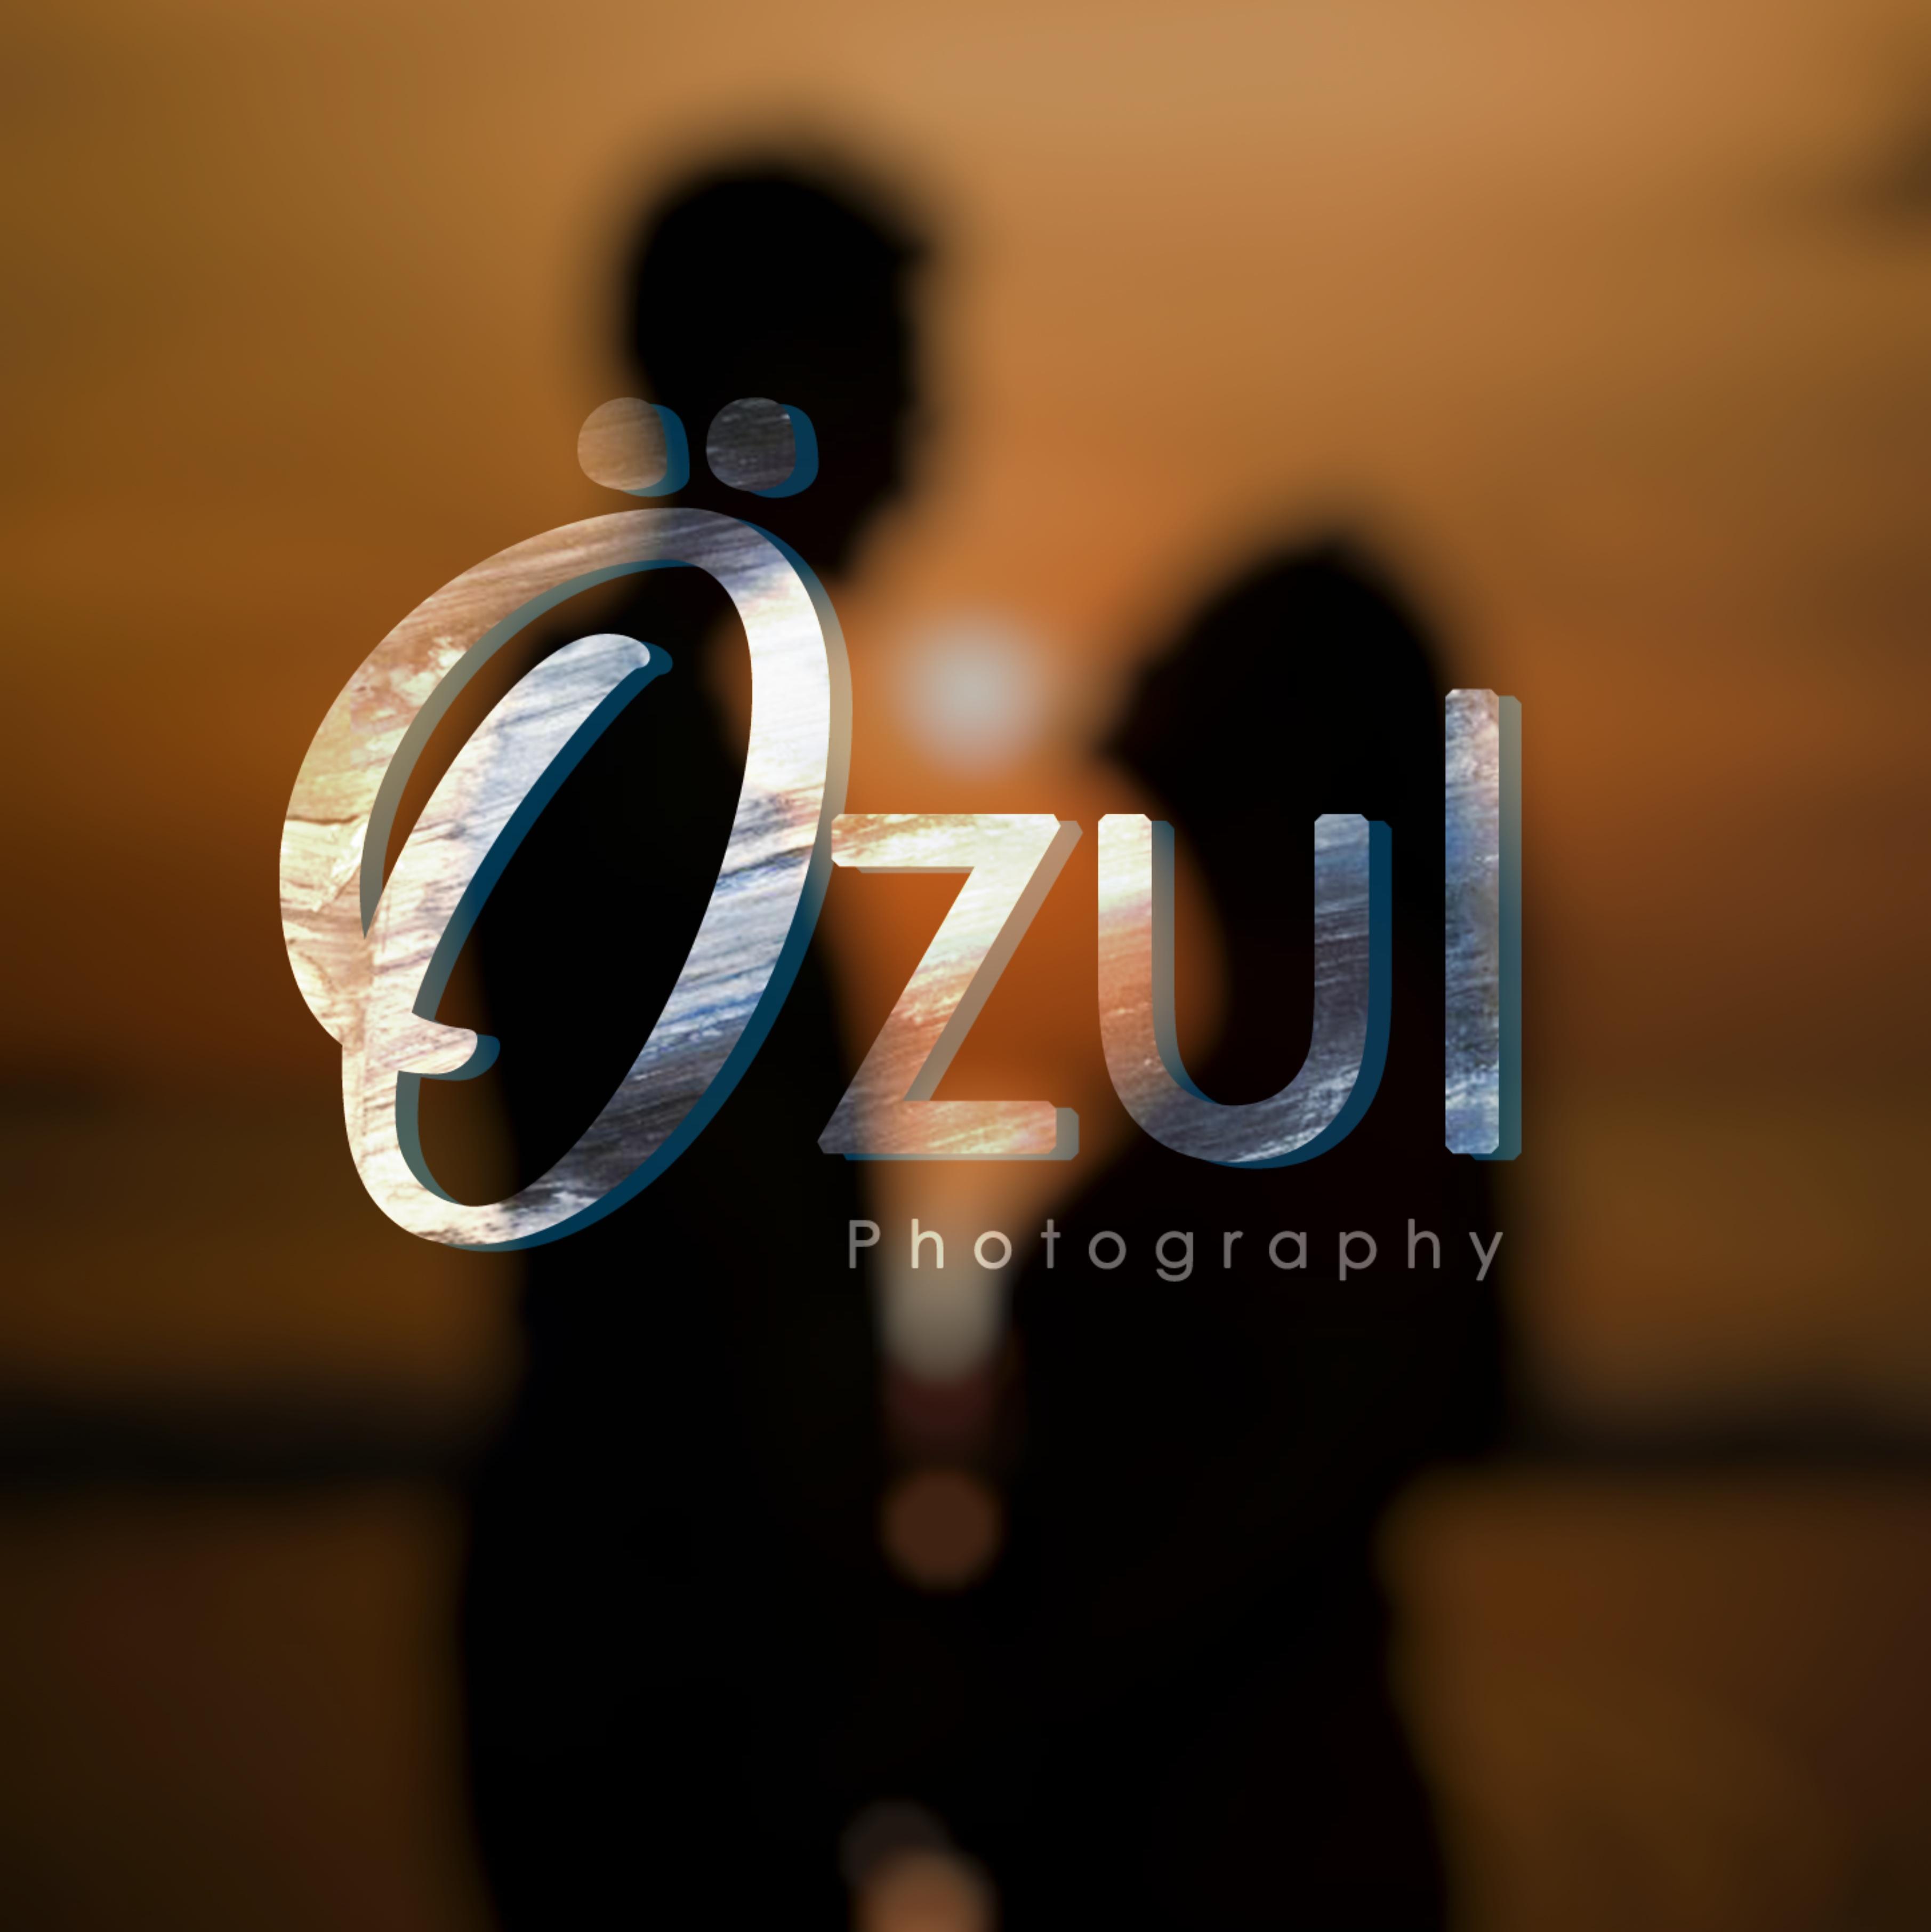 Ozul Photo